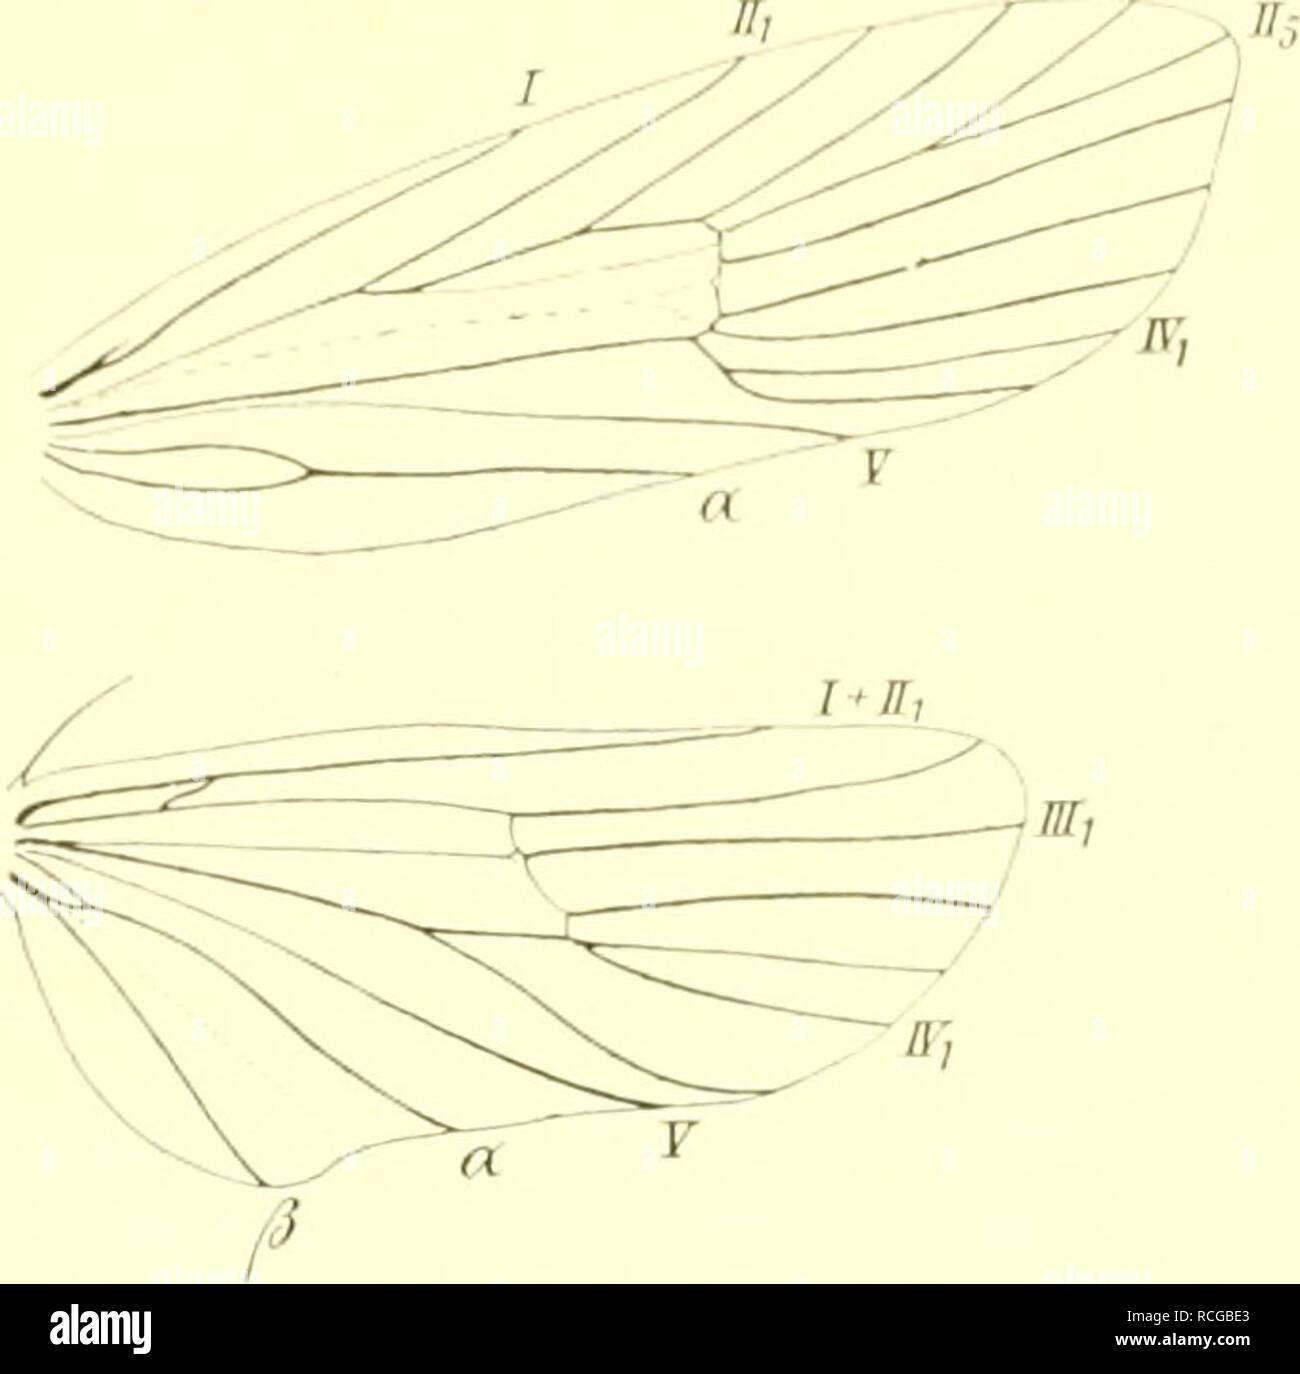 """. Die Schmetterlinge Europas. Lepidoptera; Raupen. WWIIl. F; niiilii'. Celp. Liii. lar l'nlcrfiniiilic'. Iinae Dcpressrii'. ; IH 3 14. {Â"""" yraiista /""""//. Vtl. mit 1 schwarz. Punkt: Ich. il. (Jueiaiier U. 2 Ich. il. Kurz; Il. scliieiien Braun, llleib v. (1. Mitte eine Koldf; Elb. Exp. 20 22 inni. In F. ngland, W-HuÃland, (Sibirien. Amurien); im Mai. R Grau mit orangefarb. Là ¤ ngsbande, das v. C. einem dunkelgrauen mit rund, schwarz. Flecken eingefaÃt ist; Seiten grau, orange gefleckt. Kopf glänzend schwarz. Im Juni, lvdi a. d. Blättern v. Thalictr. aciuilegifolium. Pr. Fto. 15. discrepit^ lla Rbl. V Stockbild"""